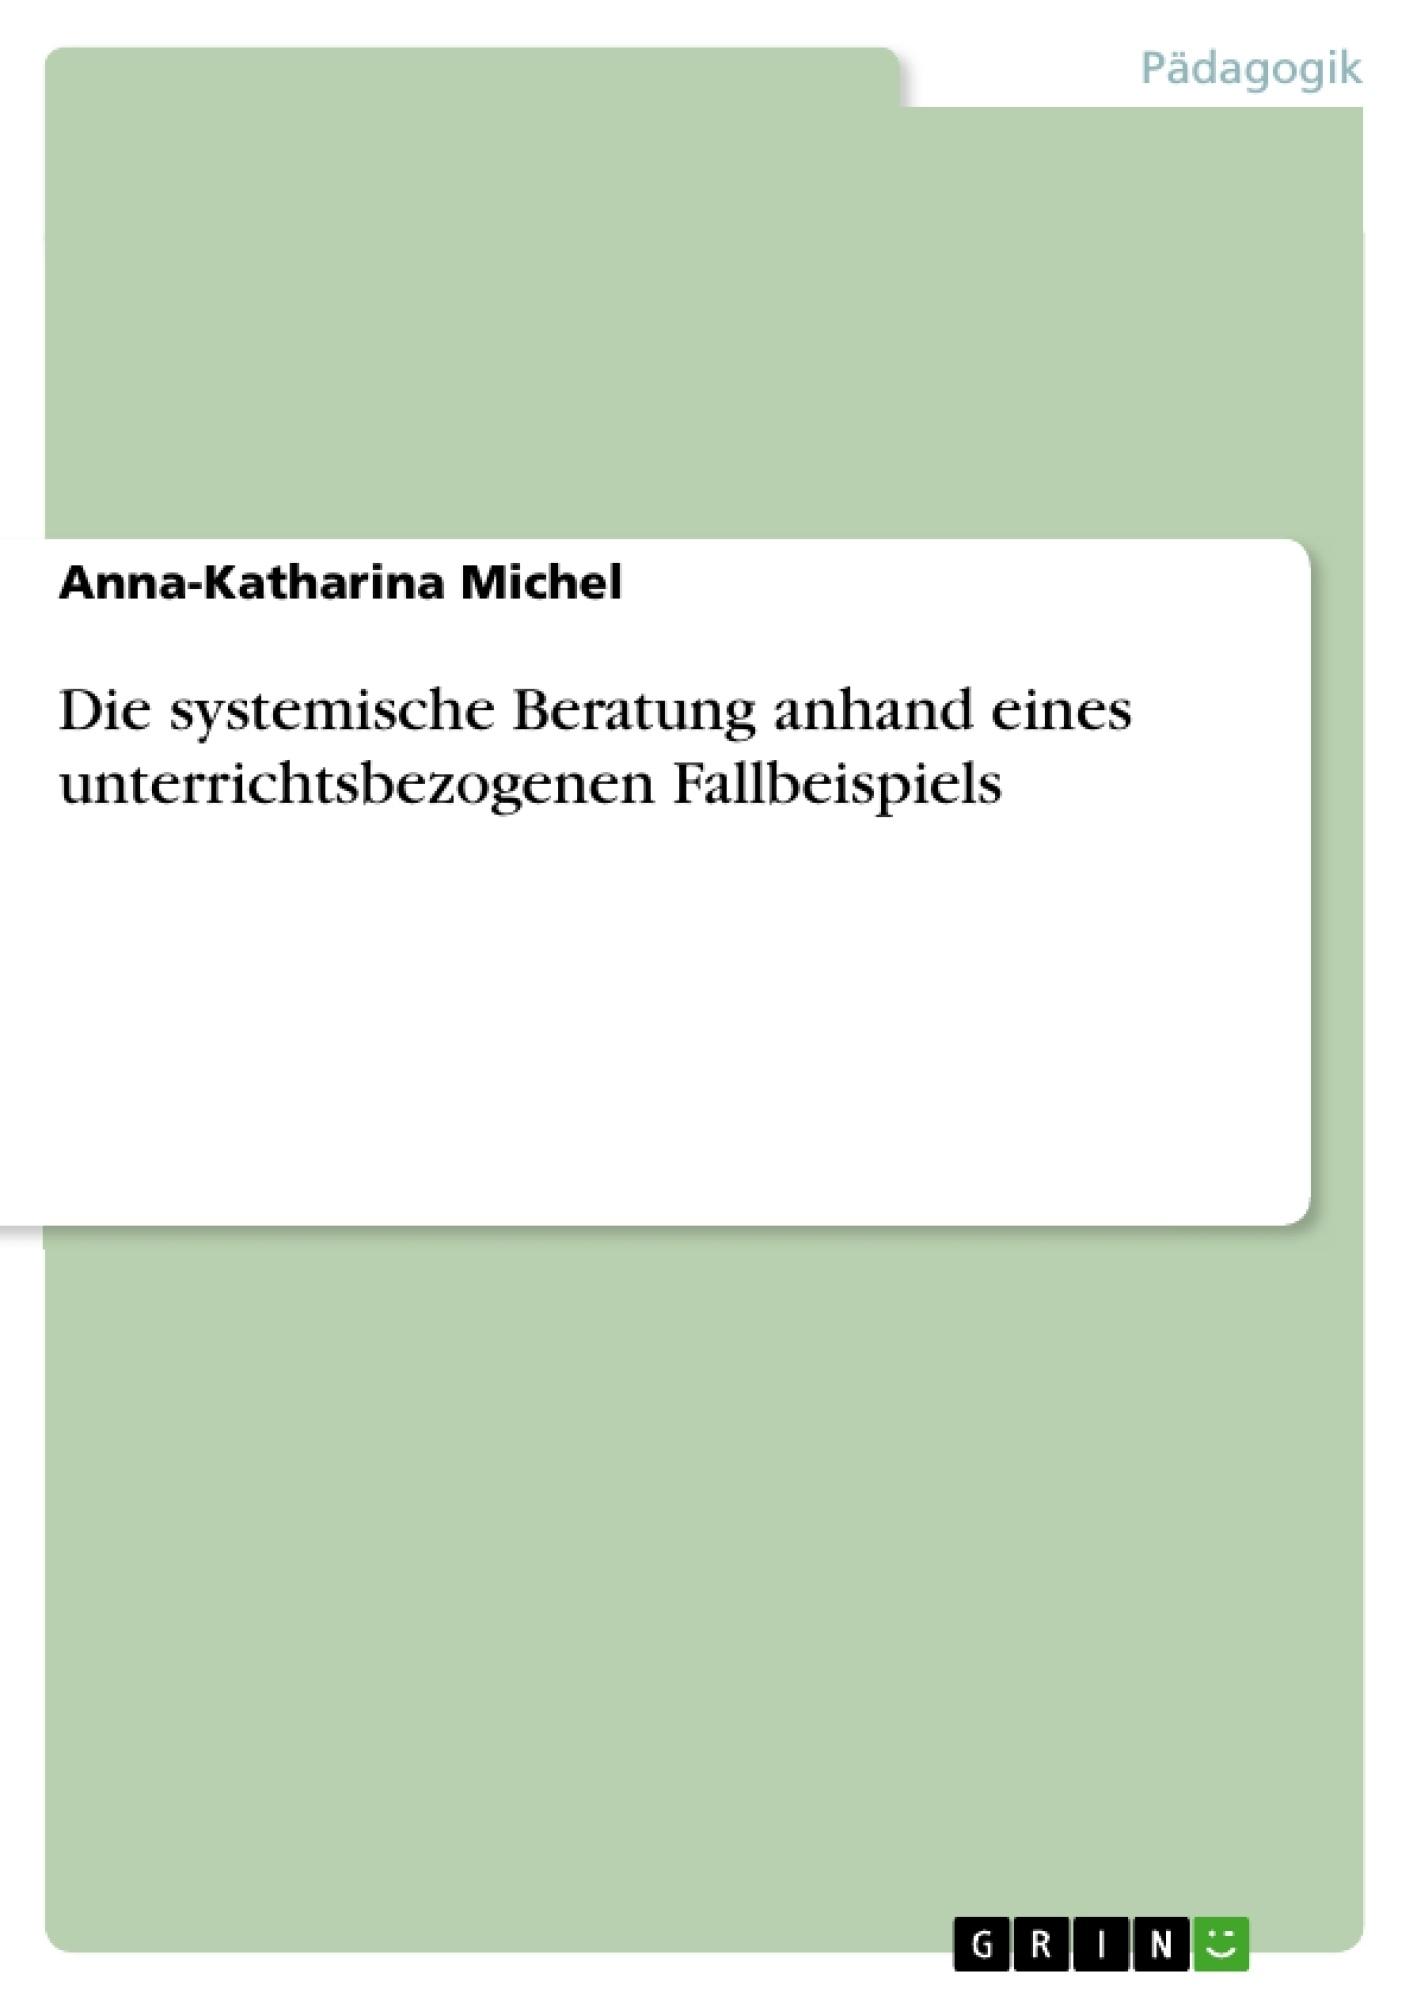 Titel: Die systemische Beratung anhand eines unterrichtsbezogenen Fallbeispiels